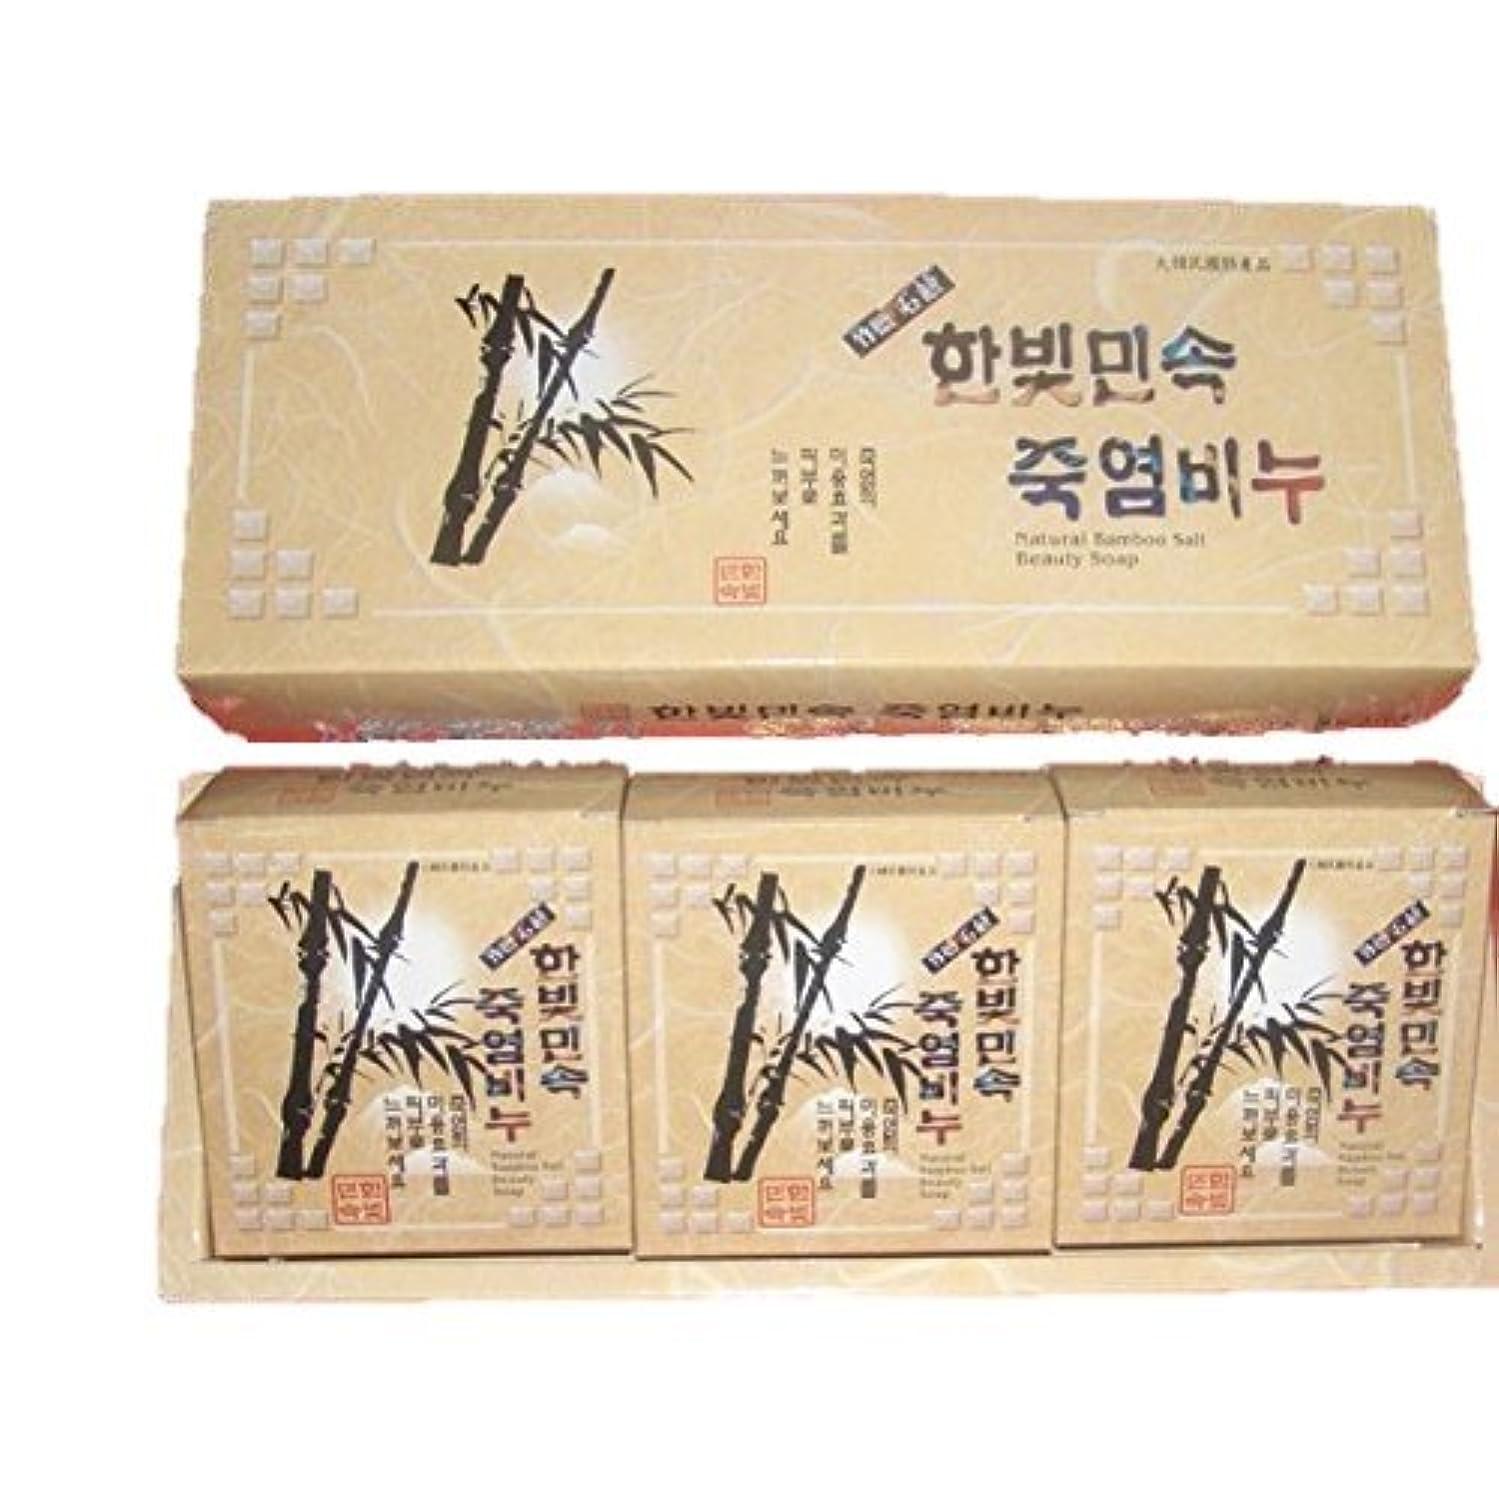 怠惰モナリザ拡散する(韓国ブランド) 竹塩石鹸 (3個×3セット)